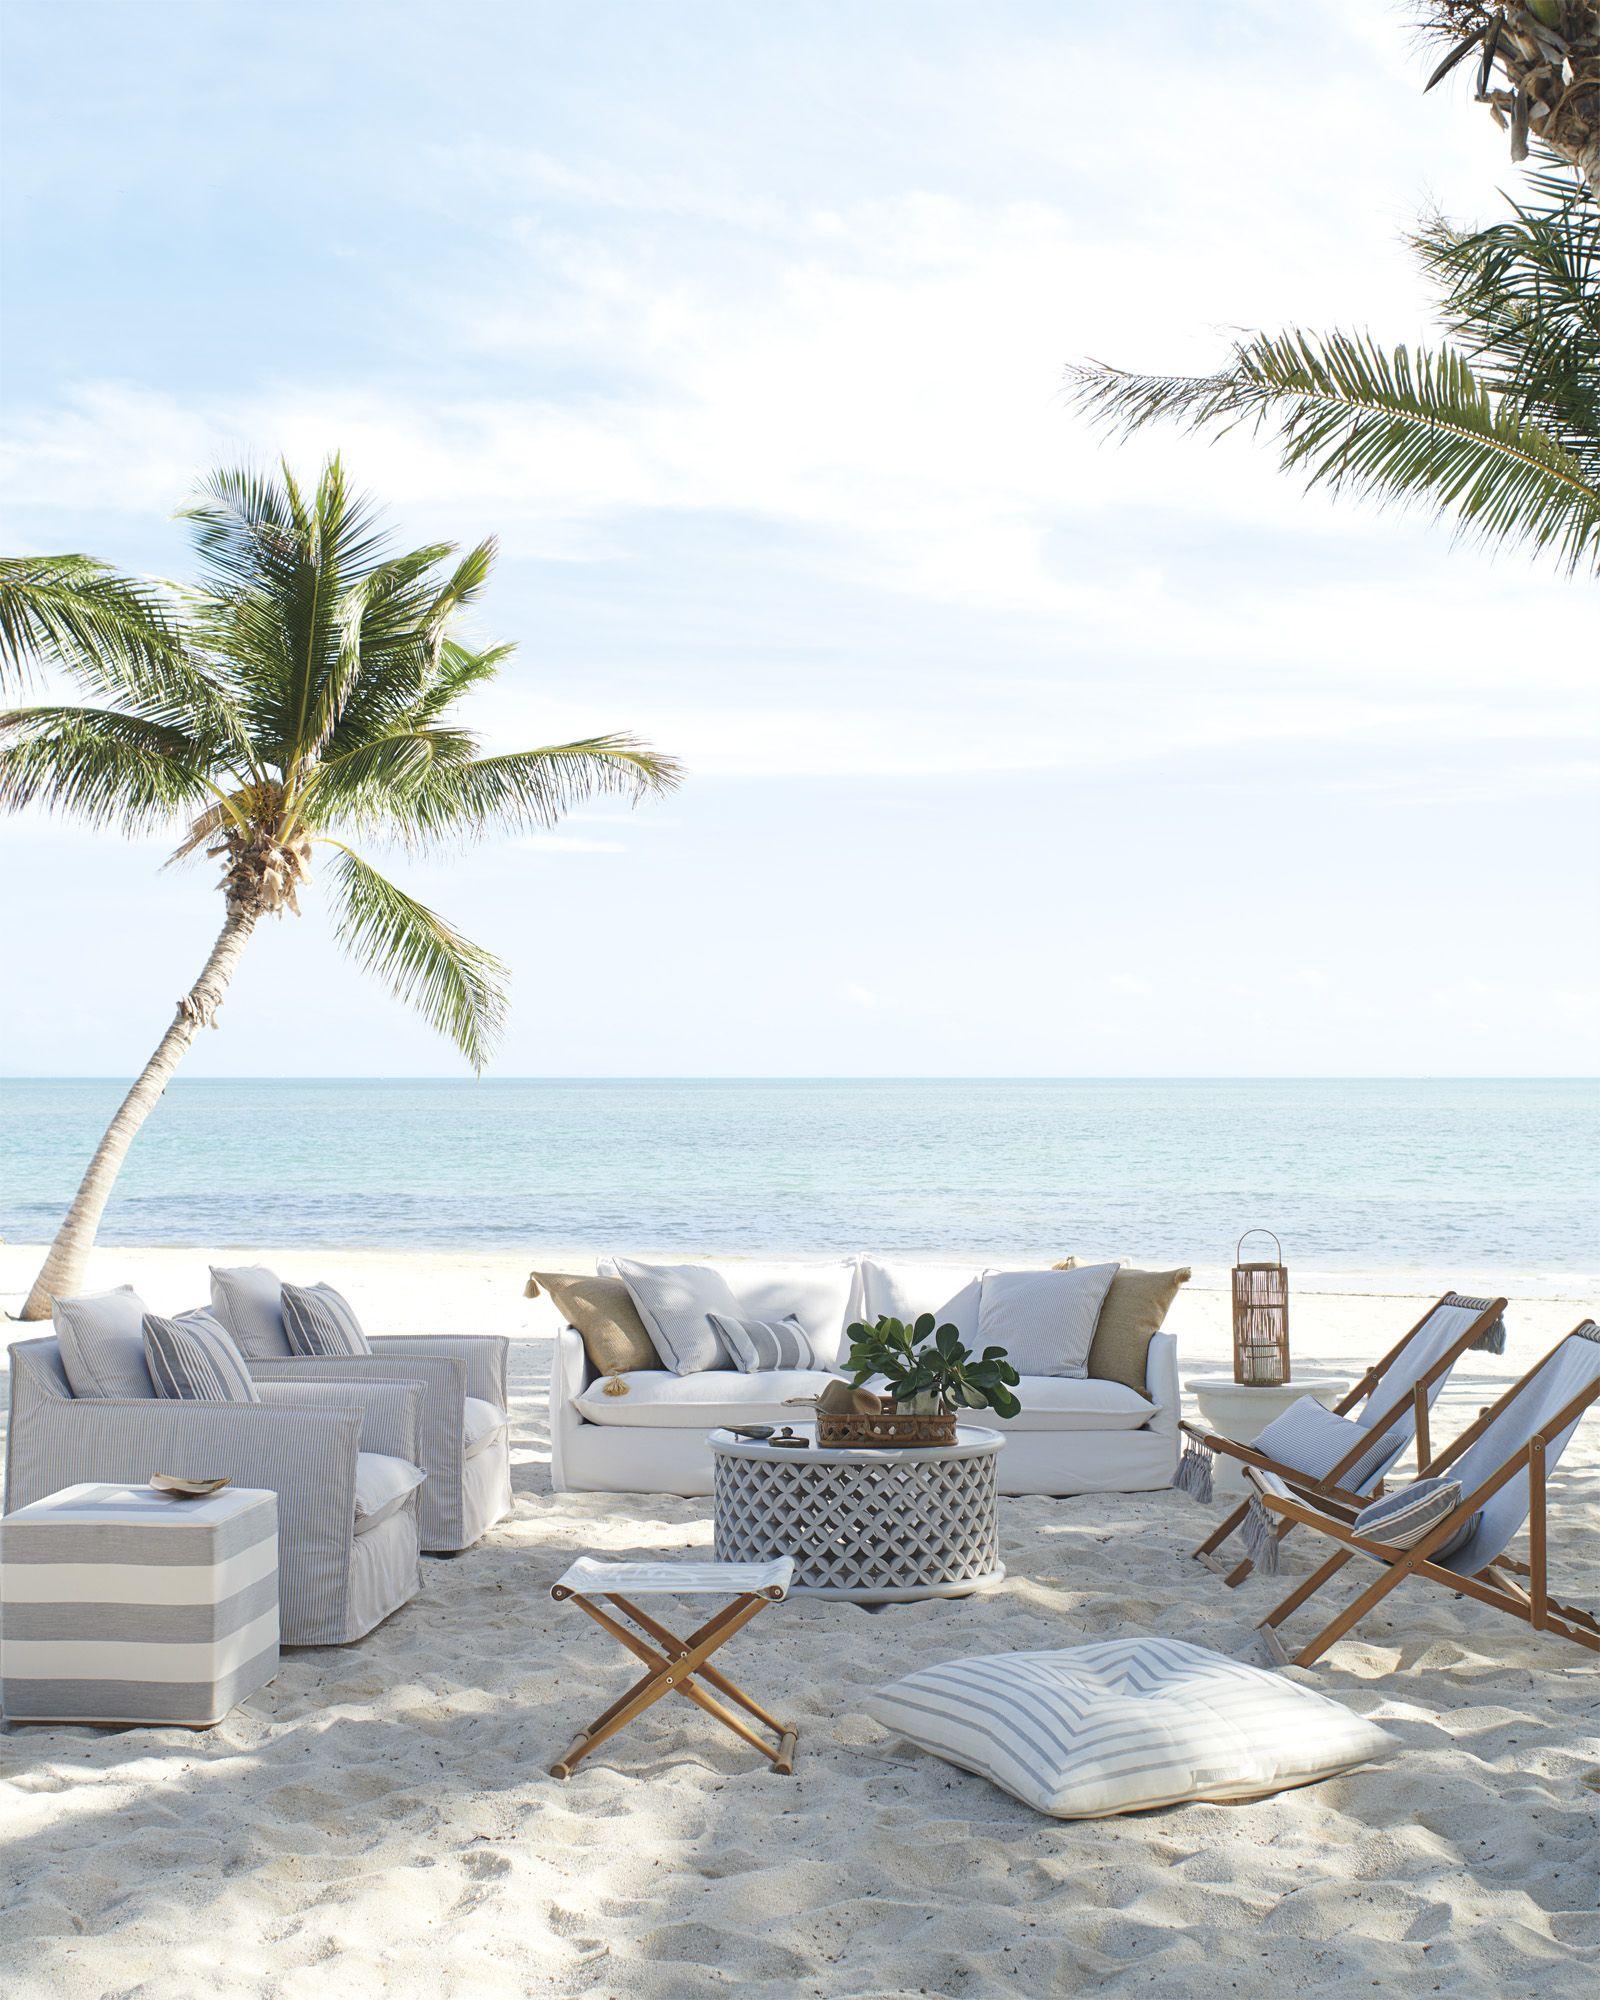 sling chair with tassels | beach house decor, dream beach